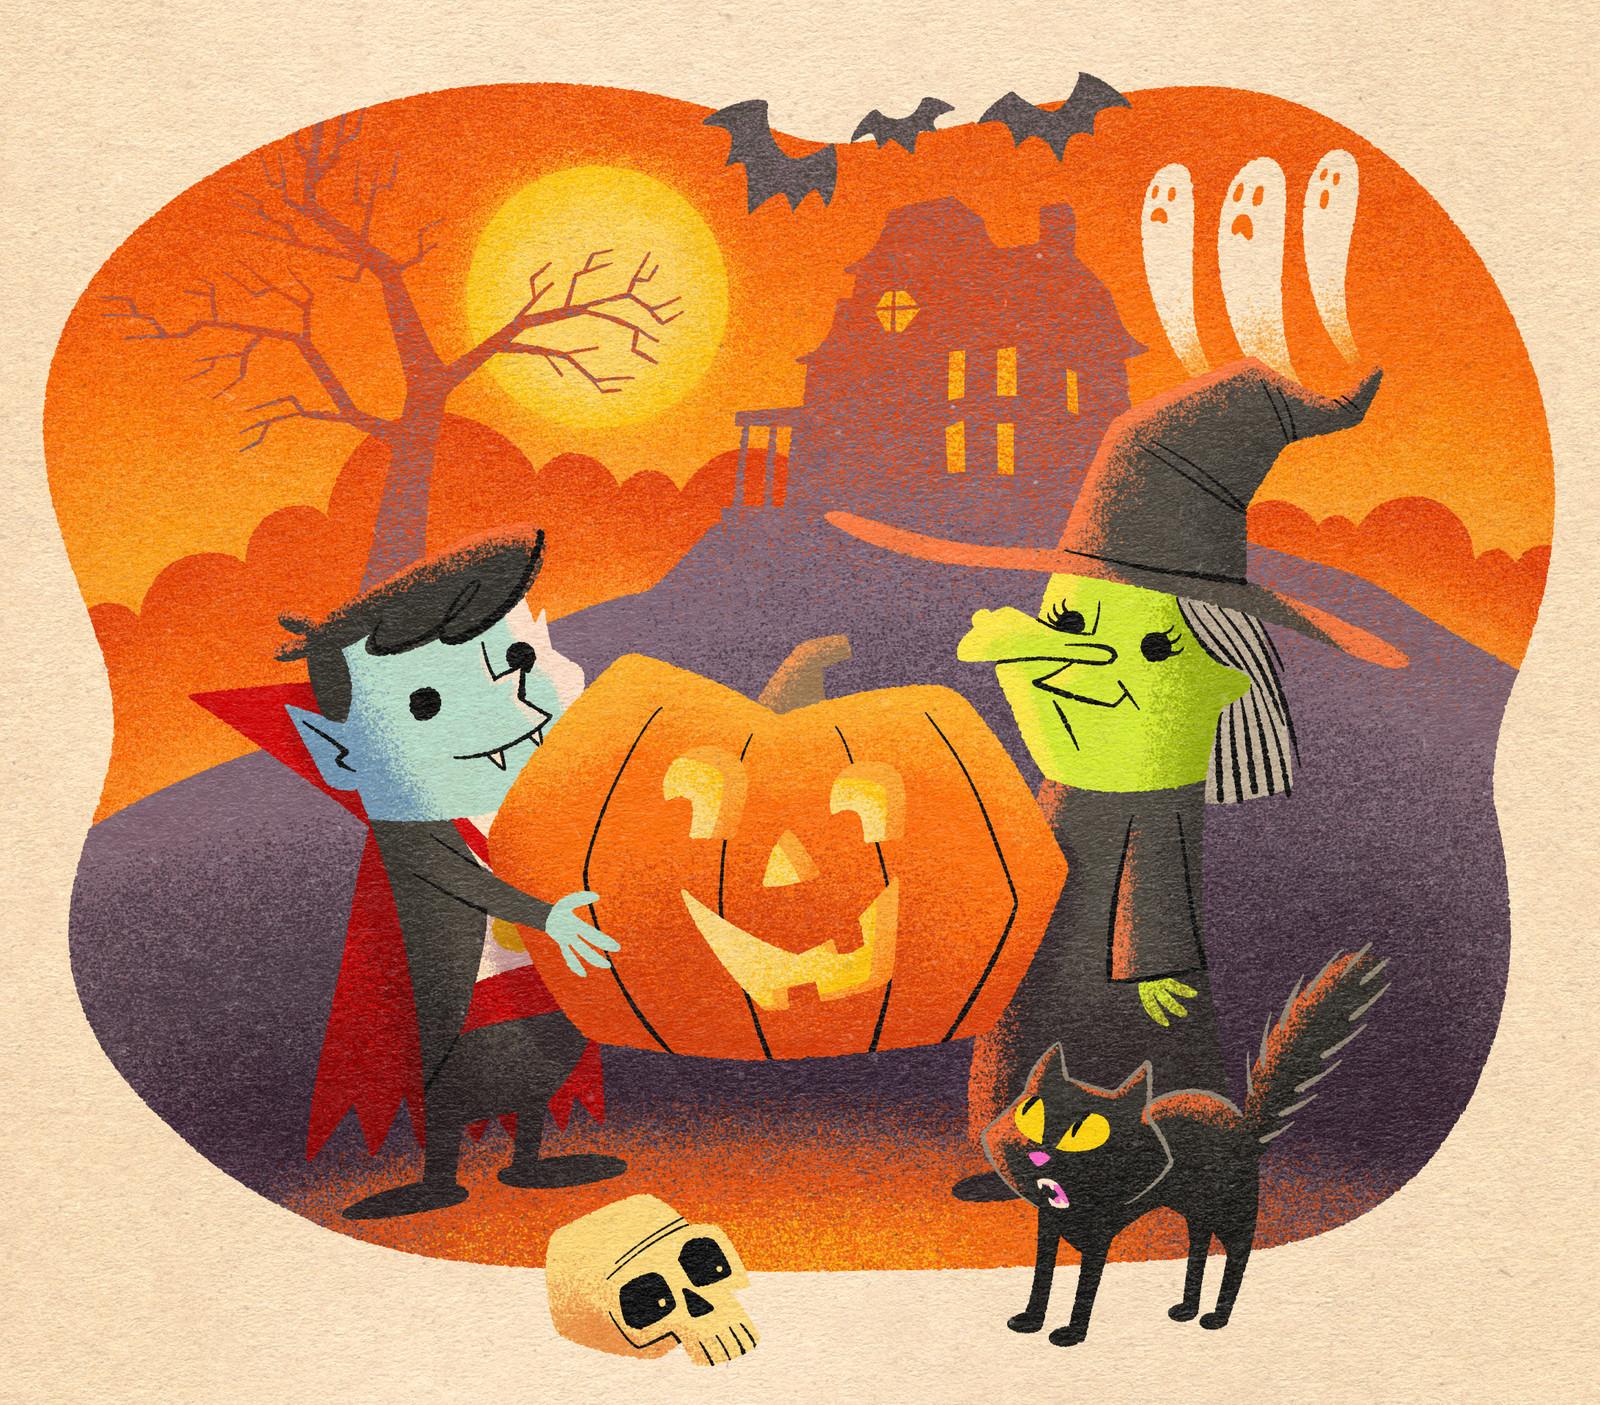 Vintage-style Halloween Art